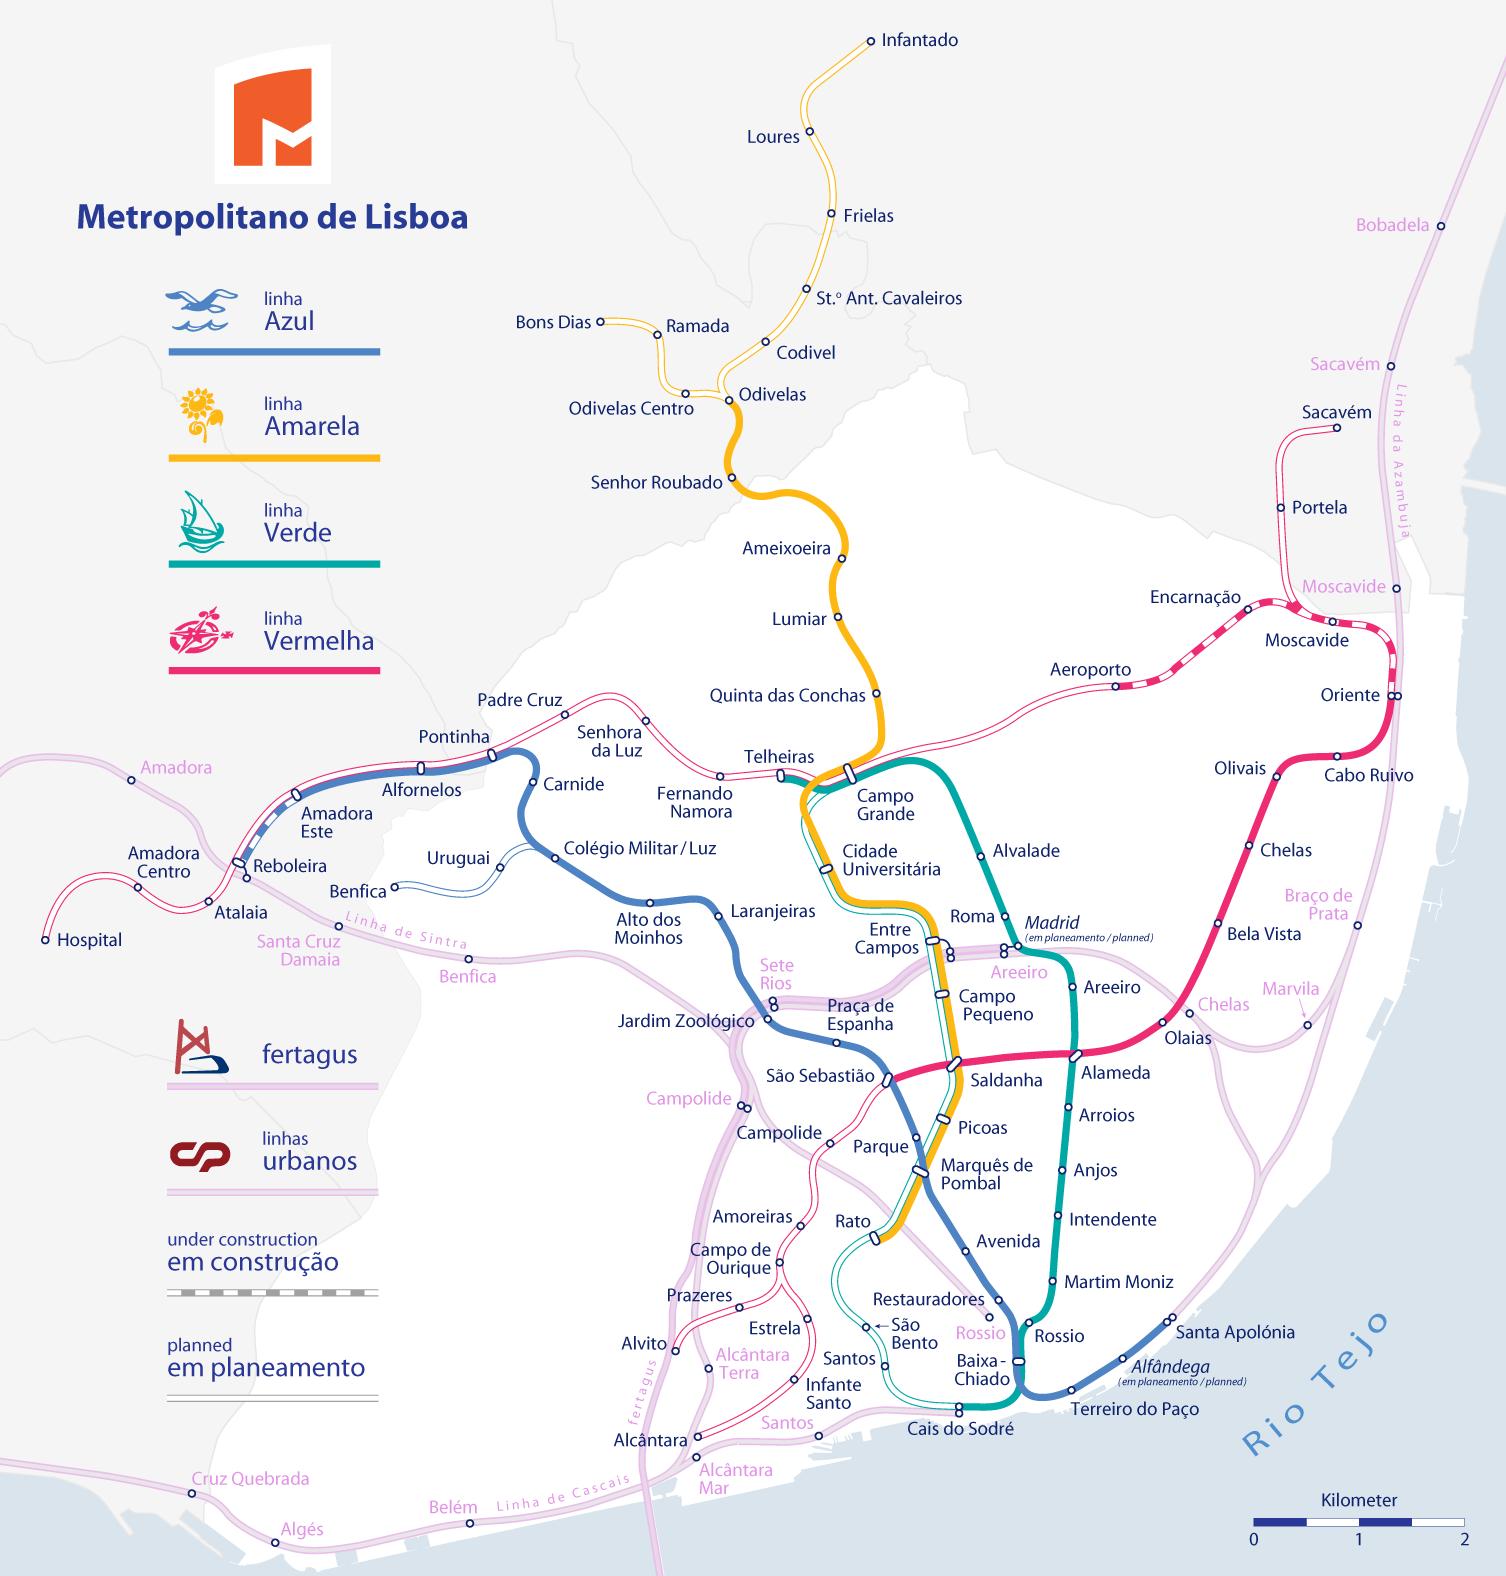 Lisboa tem um sistema de metrô (metropolitana, #Metrô de #Lisboa), complementado por um sistema de trens e bondes urbanos e suburbanos. O metrô de Lisboa é considerado um dos mais belos da Europa, juntamente com Moscou e Paris. Suas estações são espaços artísticos e arquitectônicos. Foi inaugurado em 1959 com uma extensão de 6,5 km.